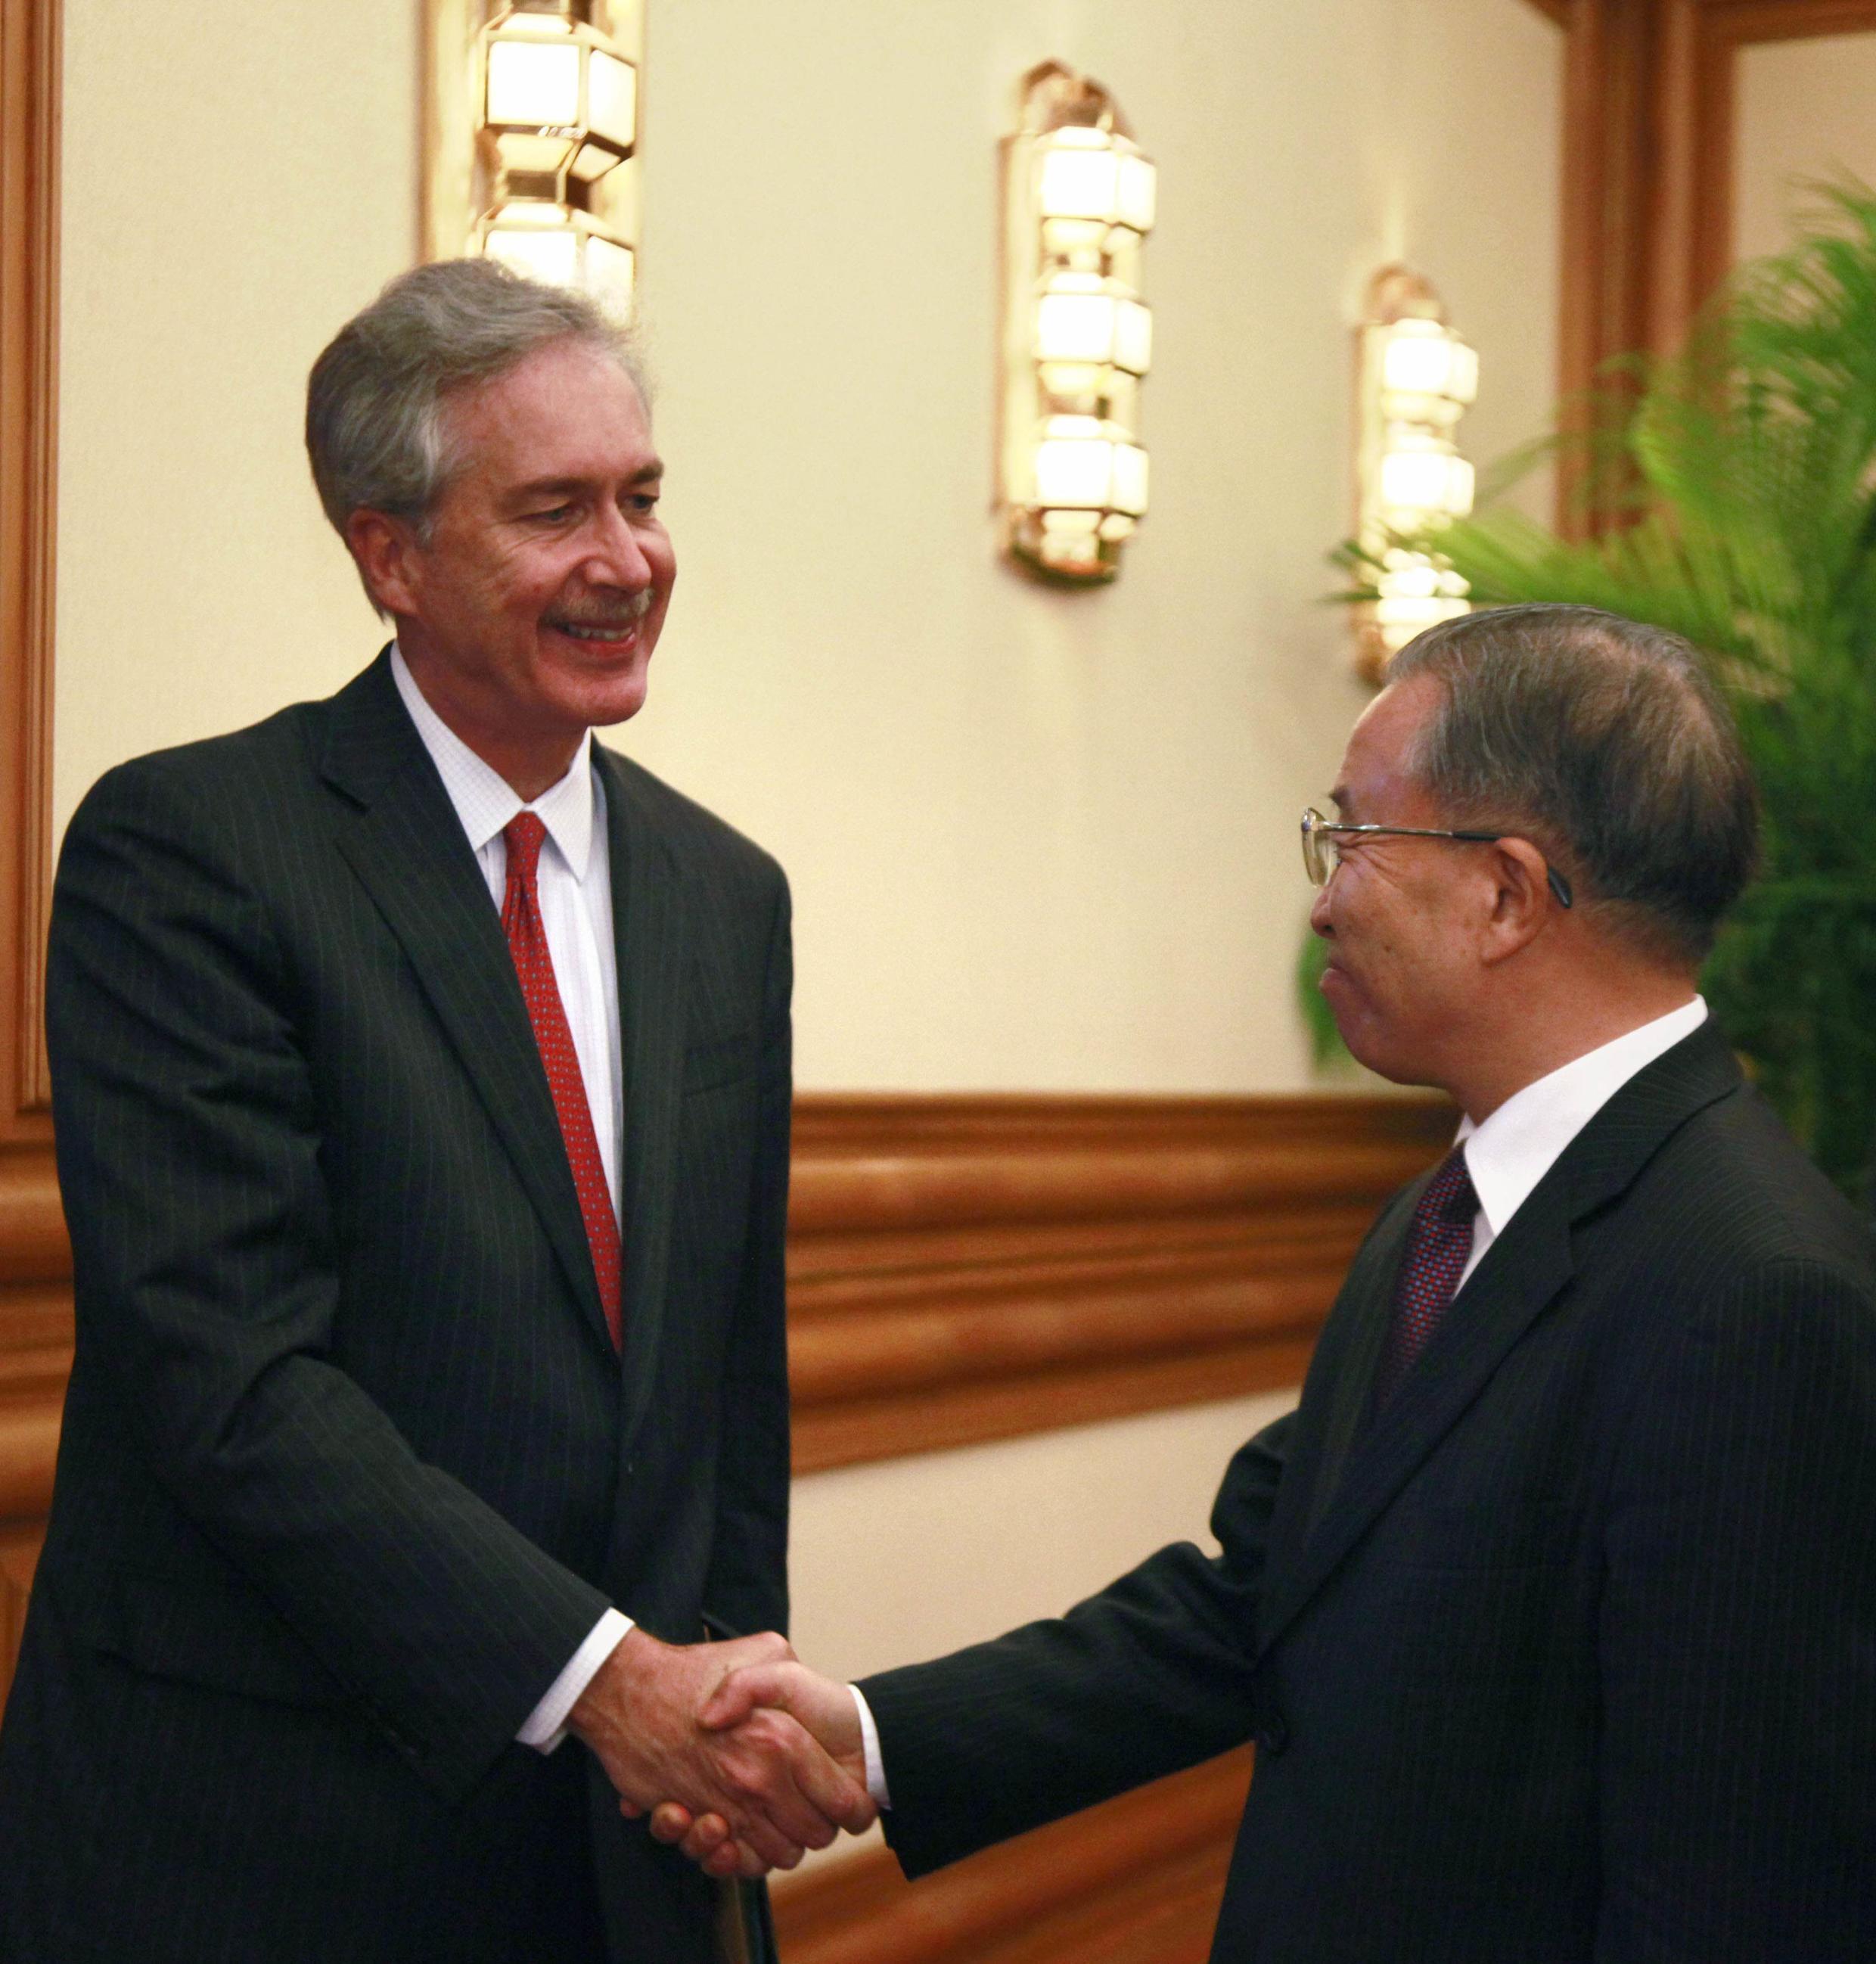 Thứ trưởng Ngoại giao Mỹ William Burn (trái) gặp Ủy viên Quốc vụ Trung Quốc Đới Bỉnh Quốc, Bắc Kinh, 28/10/2011